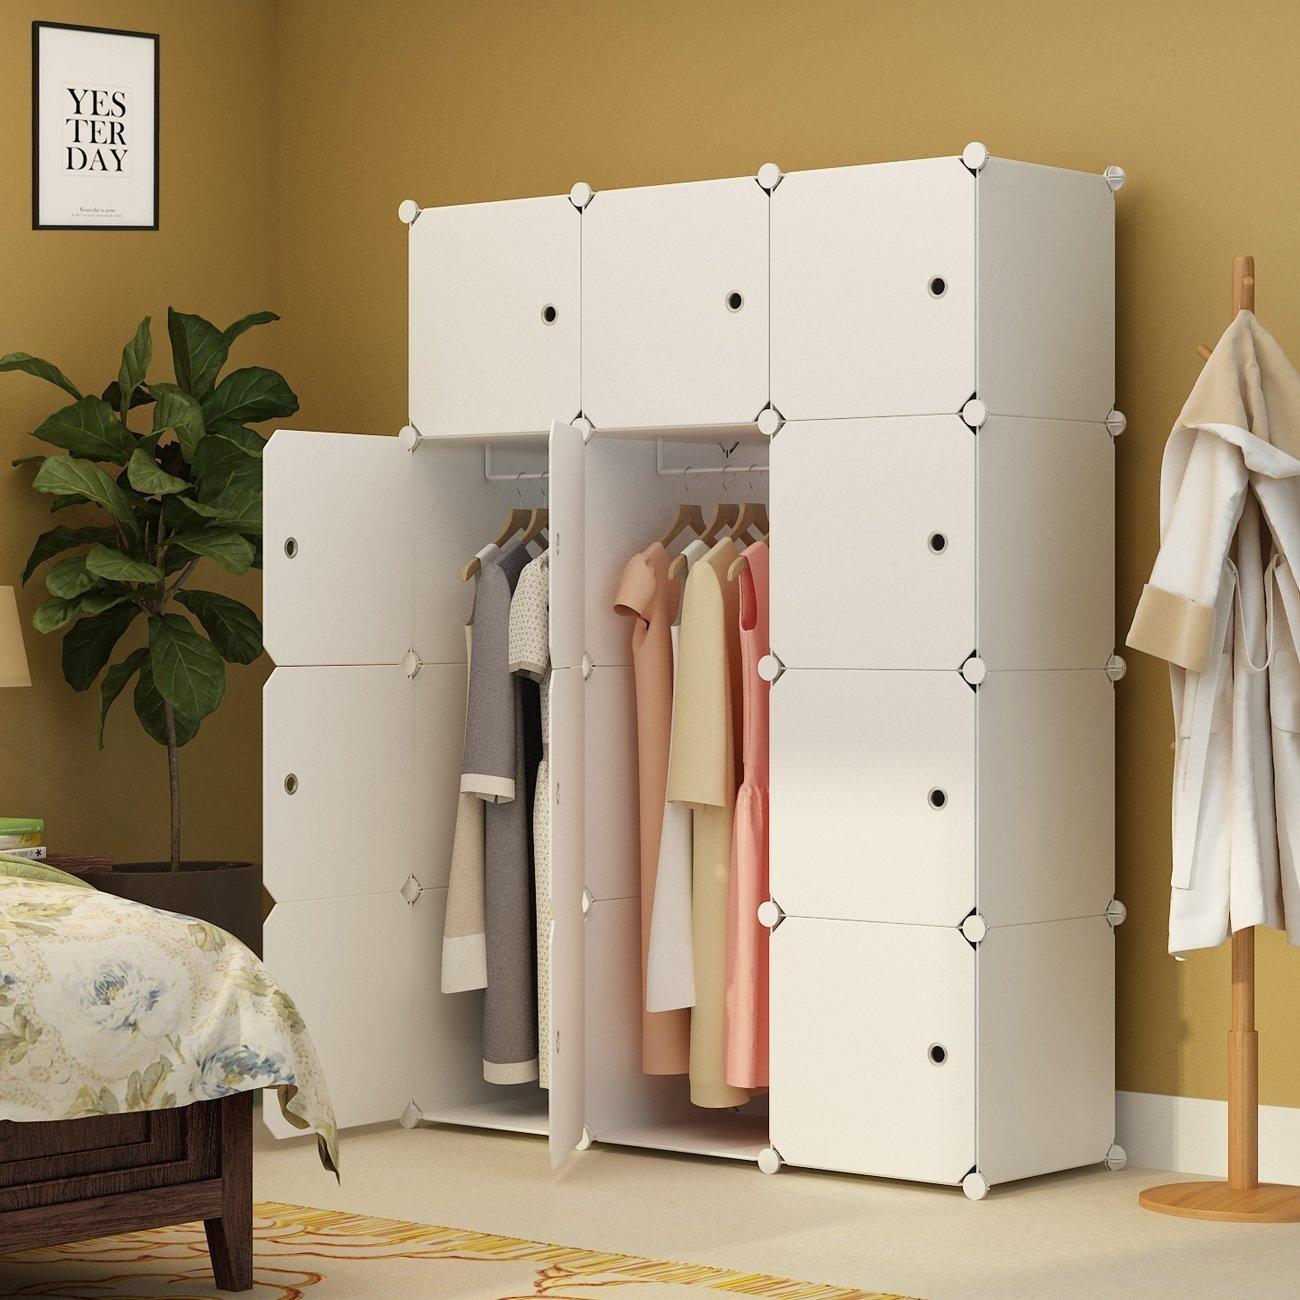 Armadio guardaroba portatile per camera da letto Armadietto Armadio Cube  Storage Organizer, bianco, 6 cubi 2 sezioni sospese